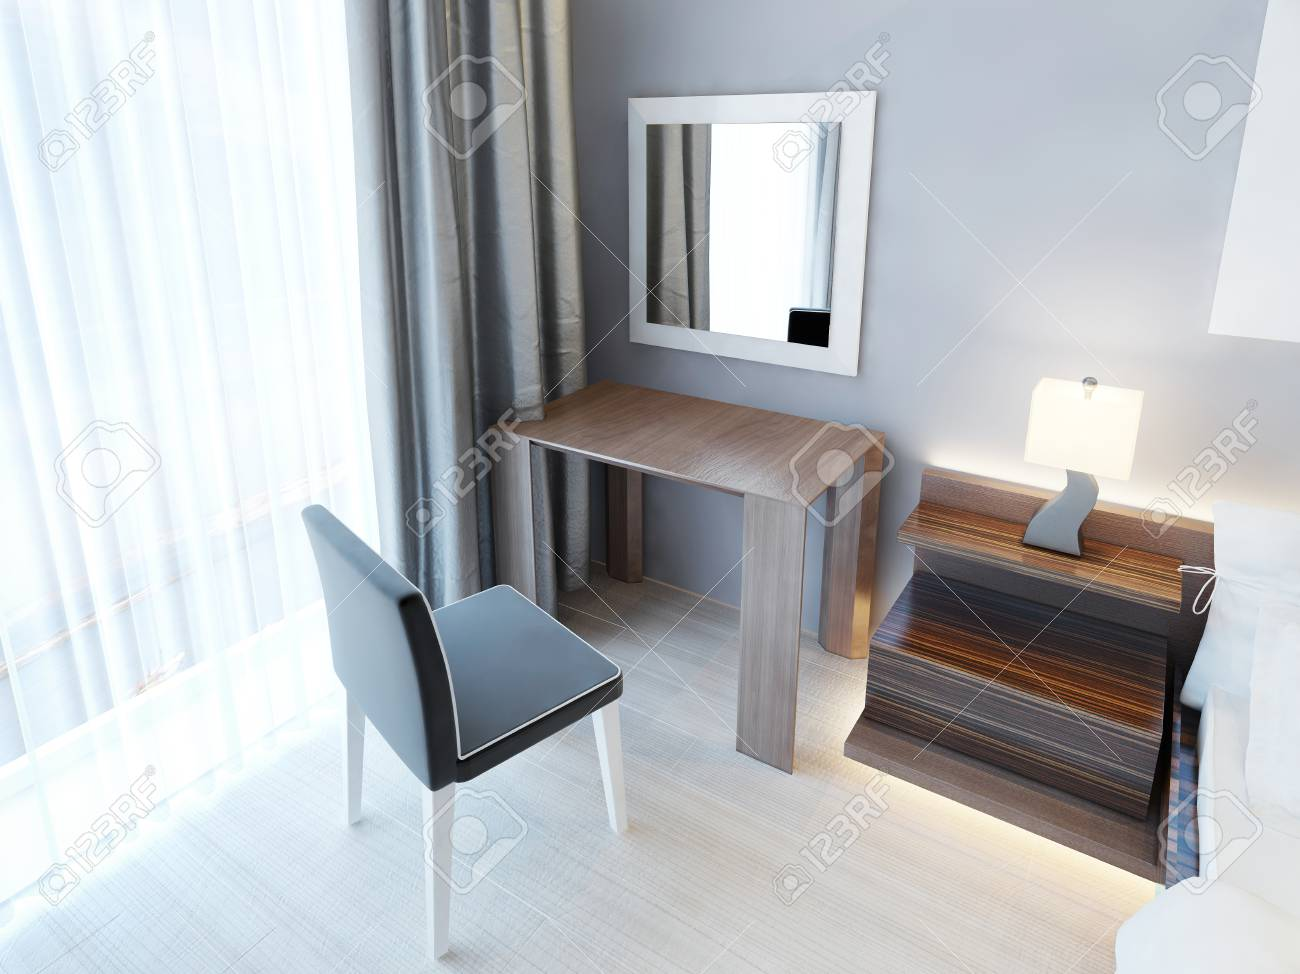 lámparaDormitorio muebles cama noche con color con de a con con marrón junto de Tocador la silla de madera un acabado y espejoy mesita moderno 80vnwOmN